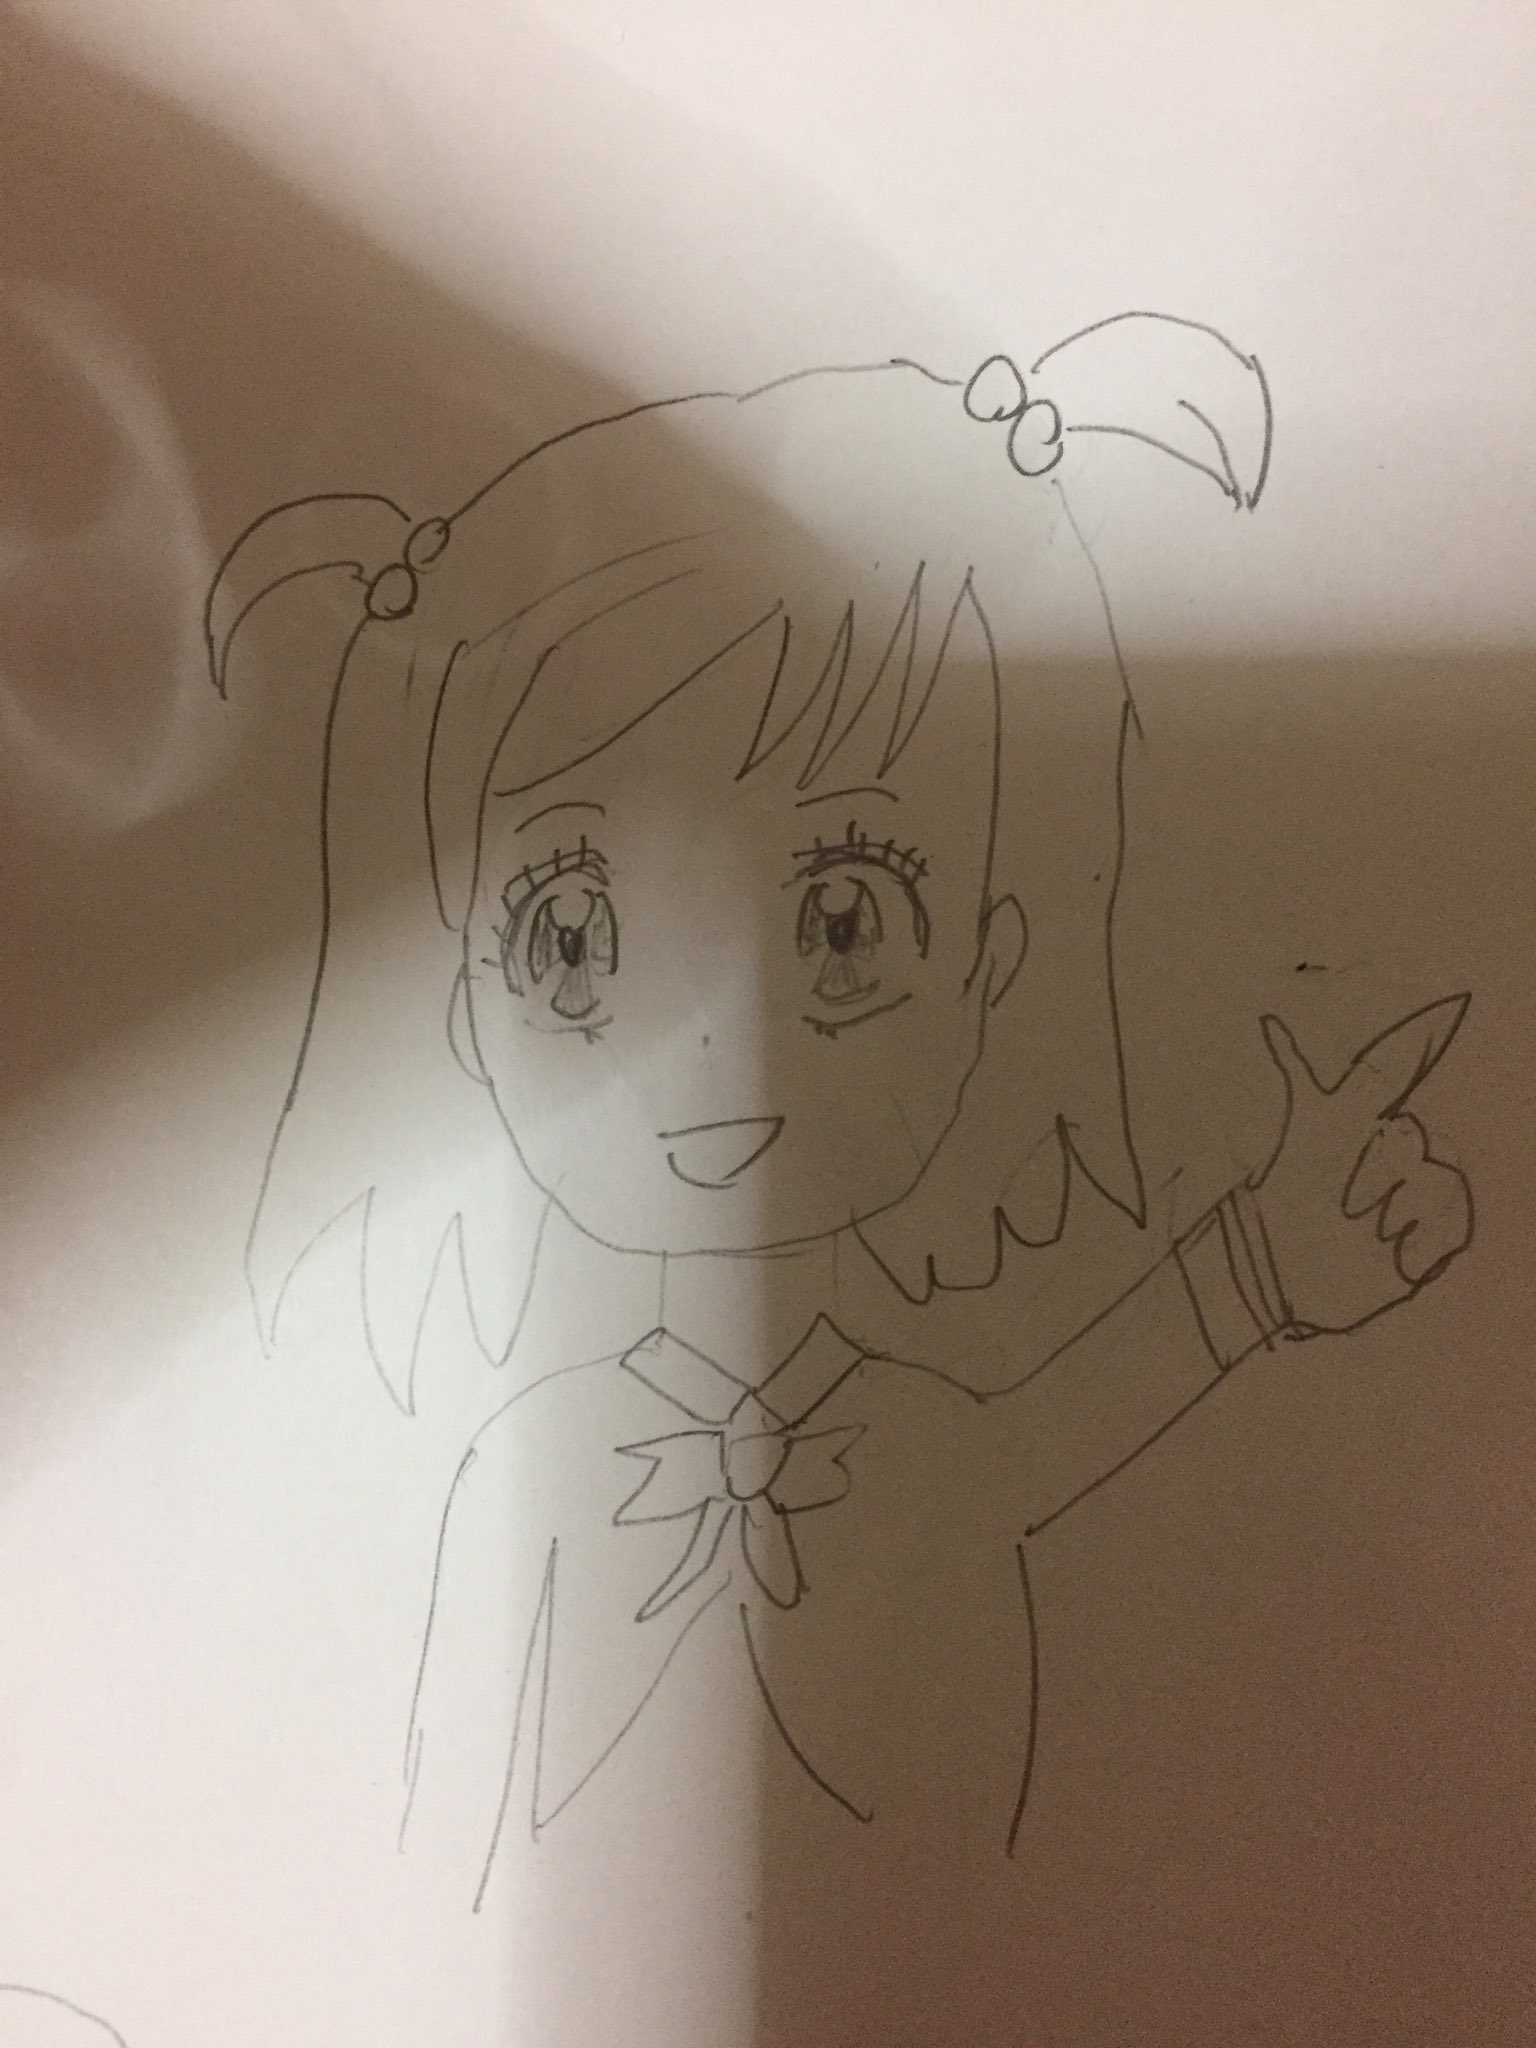 ひかり@夢原のぞみ生誕祭 (@cureflash)さんのイラスト